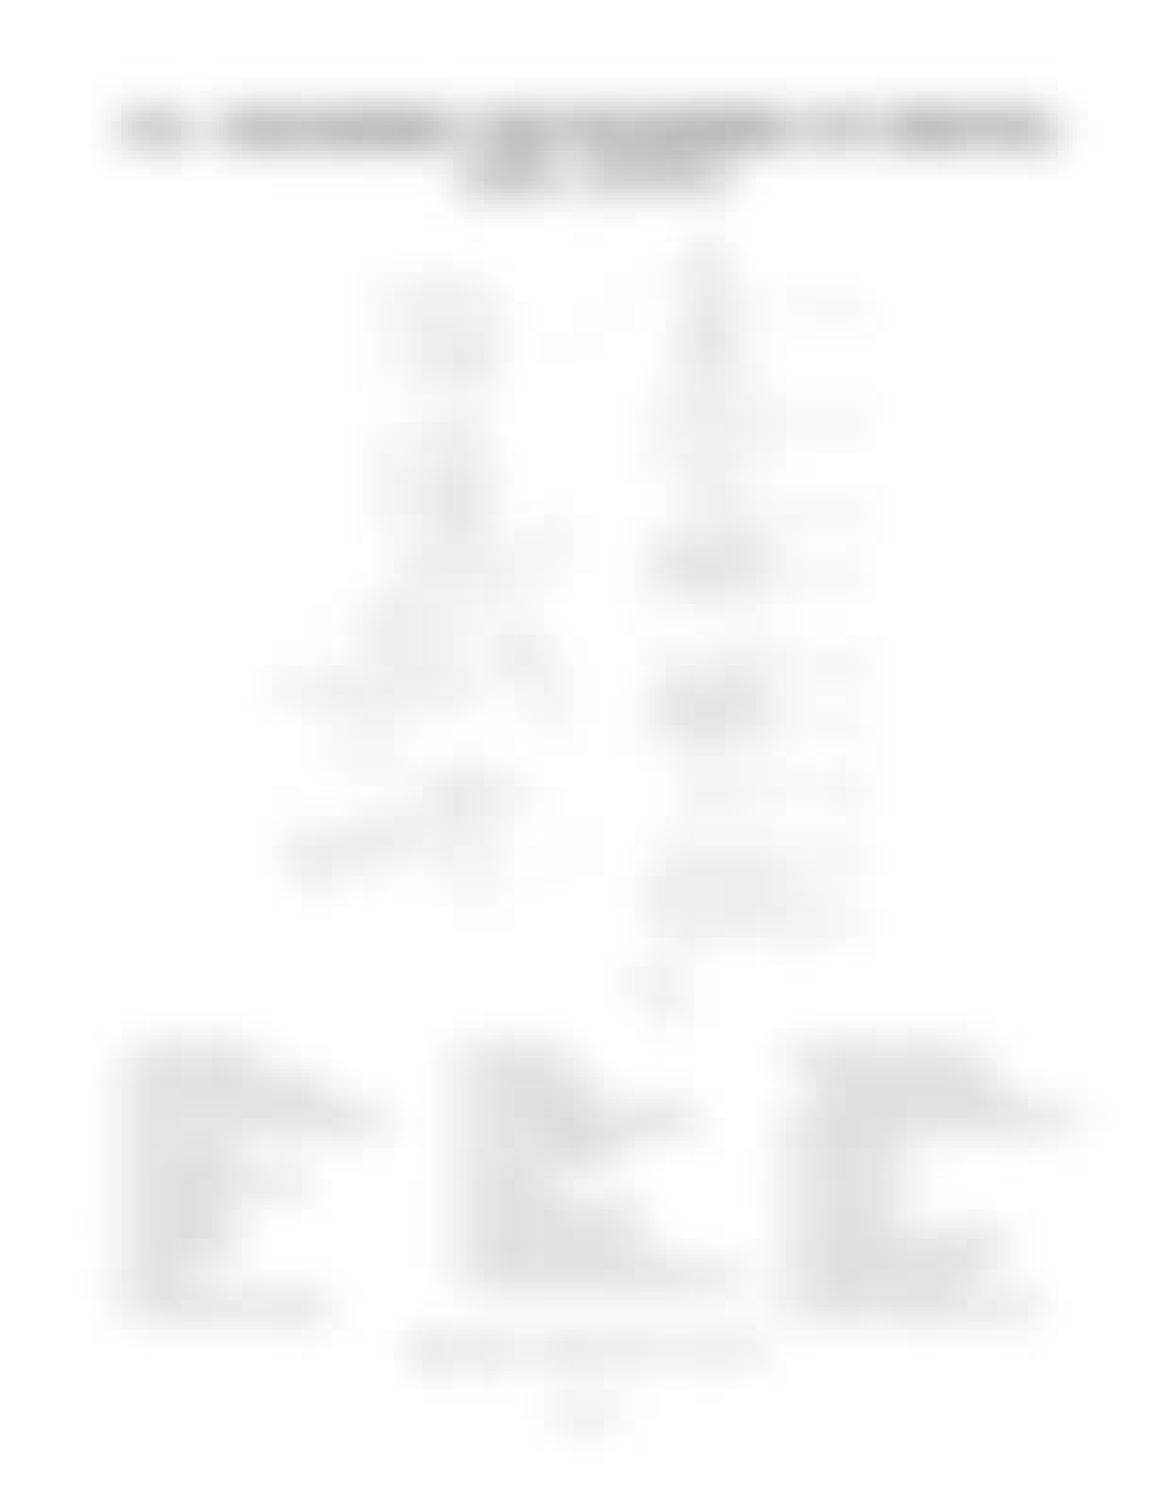 Hitachi LX110-7 LX130-7 LX160-7 LX190-7 LX230-7 Wheel Loader Workshop Manual - PDF DOWNLOAD page 283